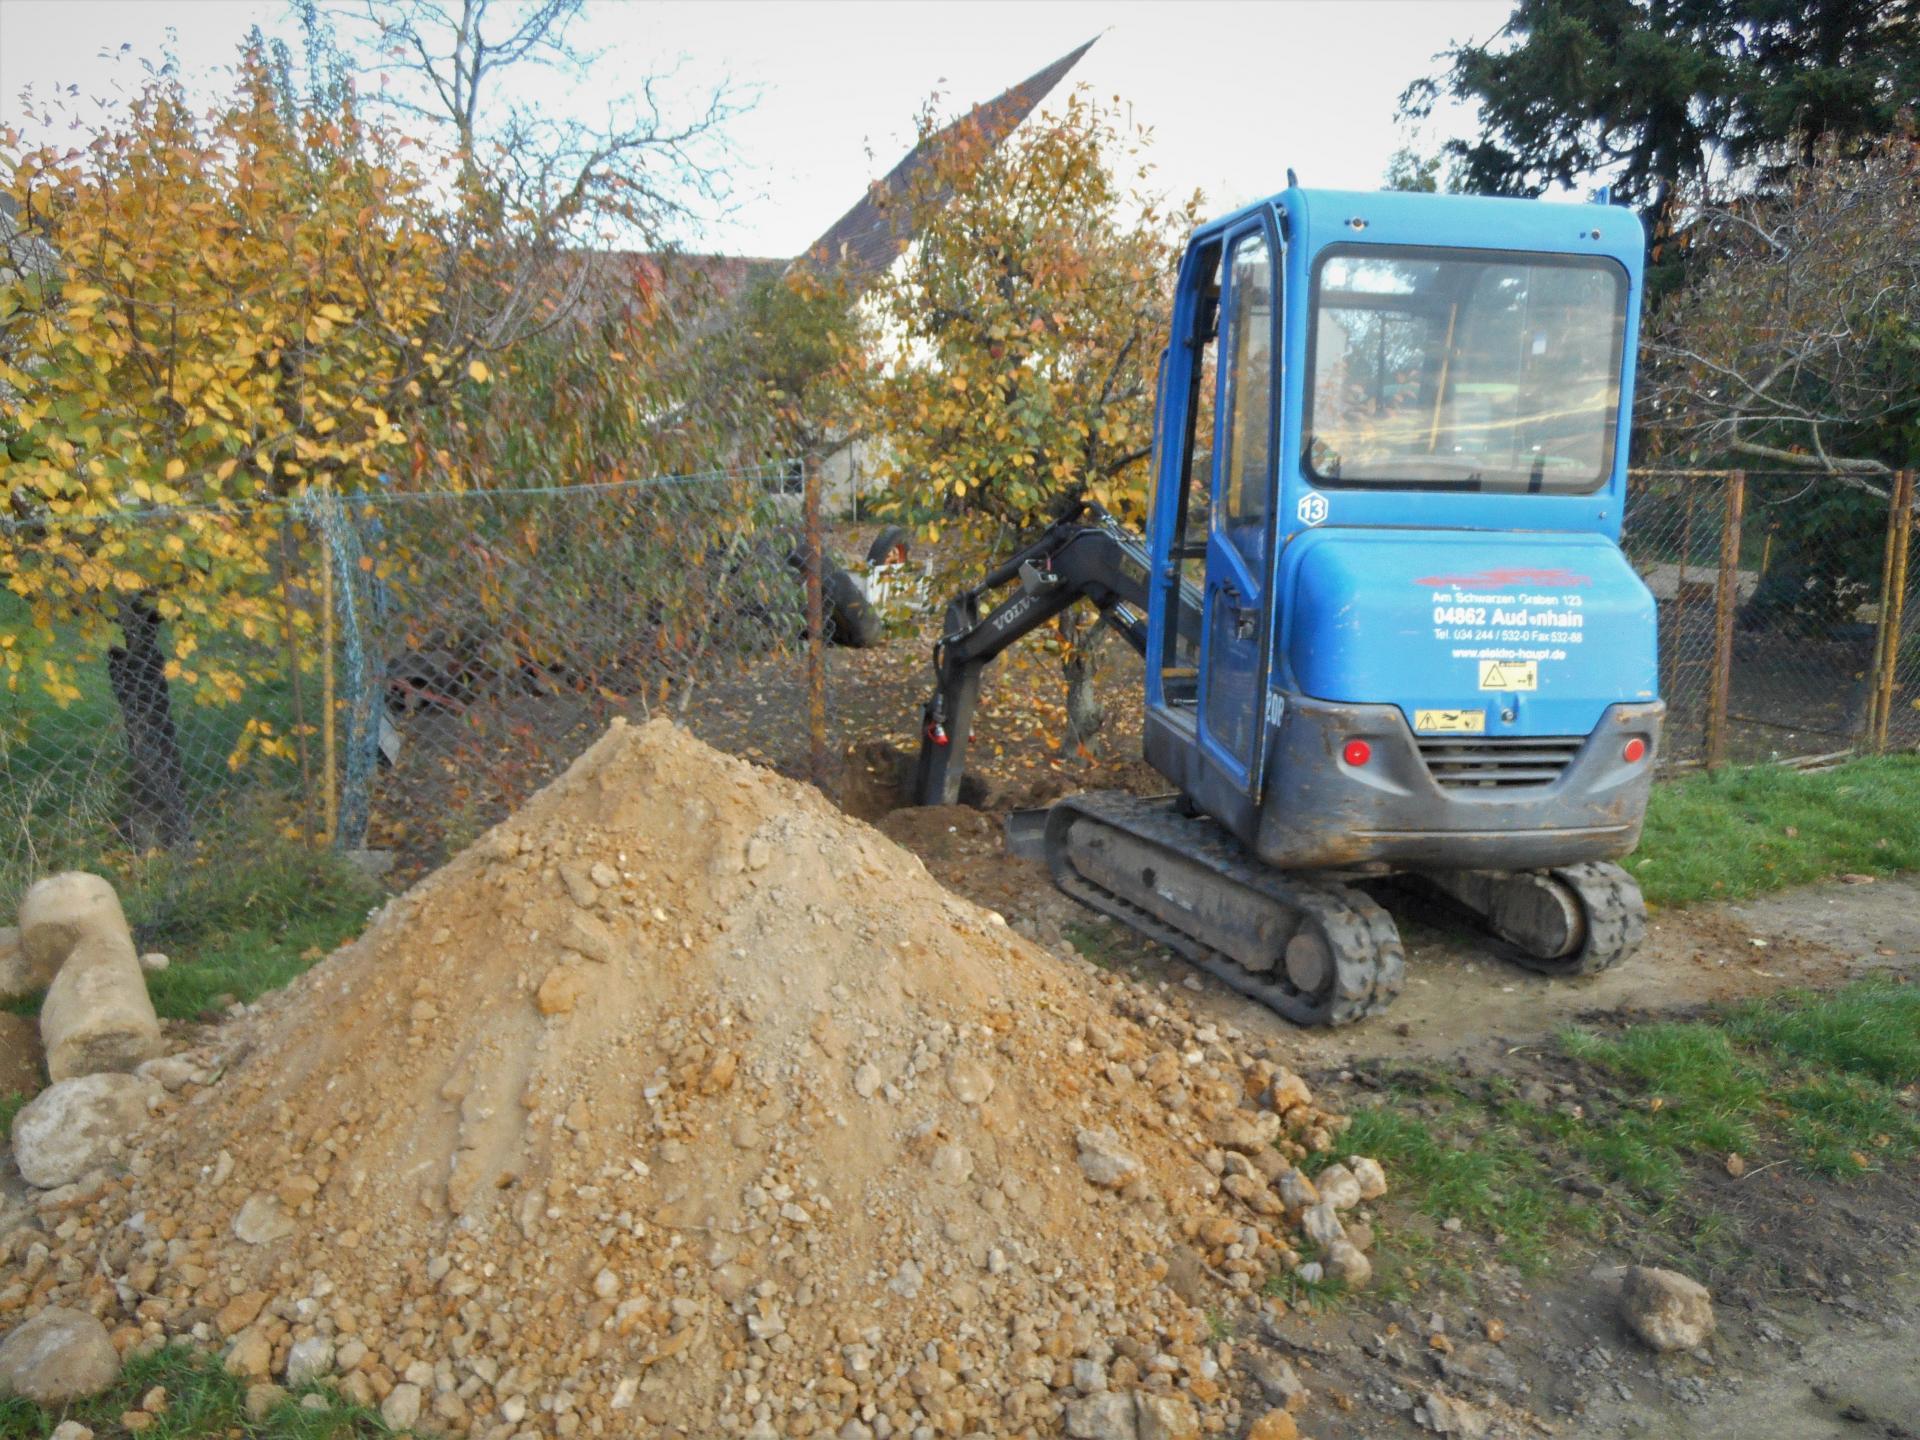 2020-11-04_Neuaufbau-Storchenhorst-Olganitz-01